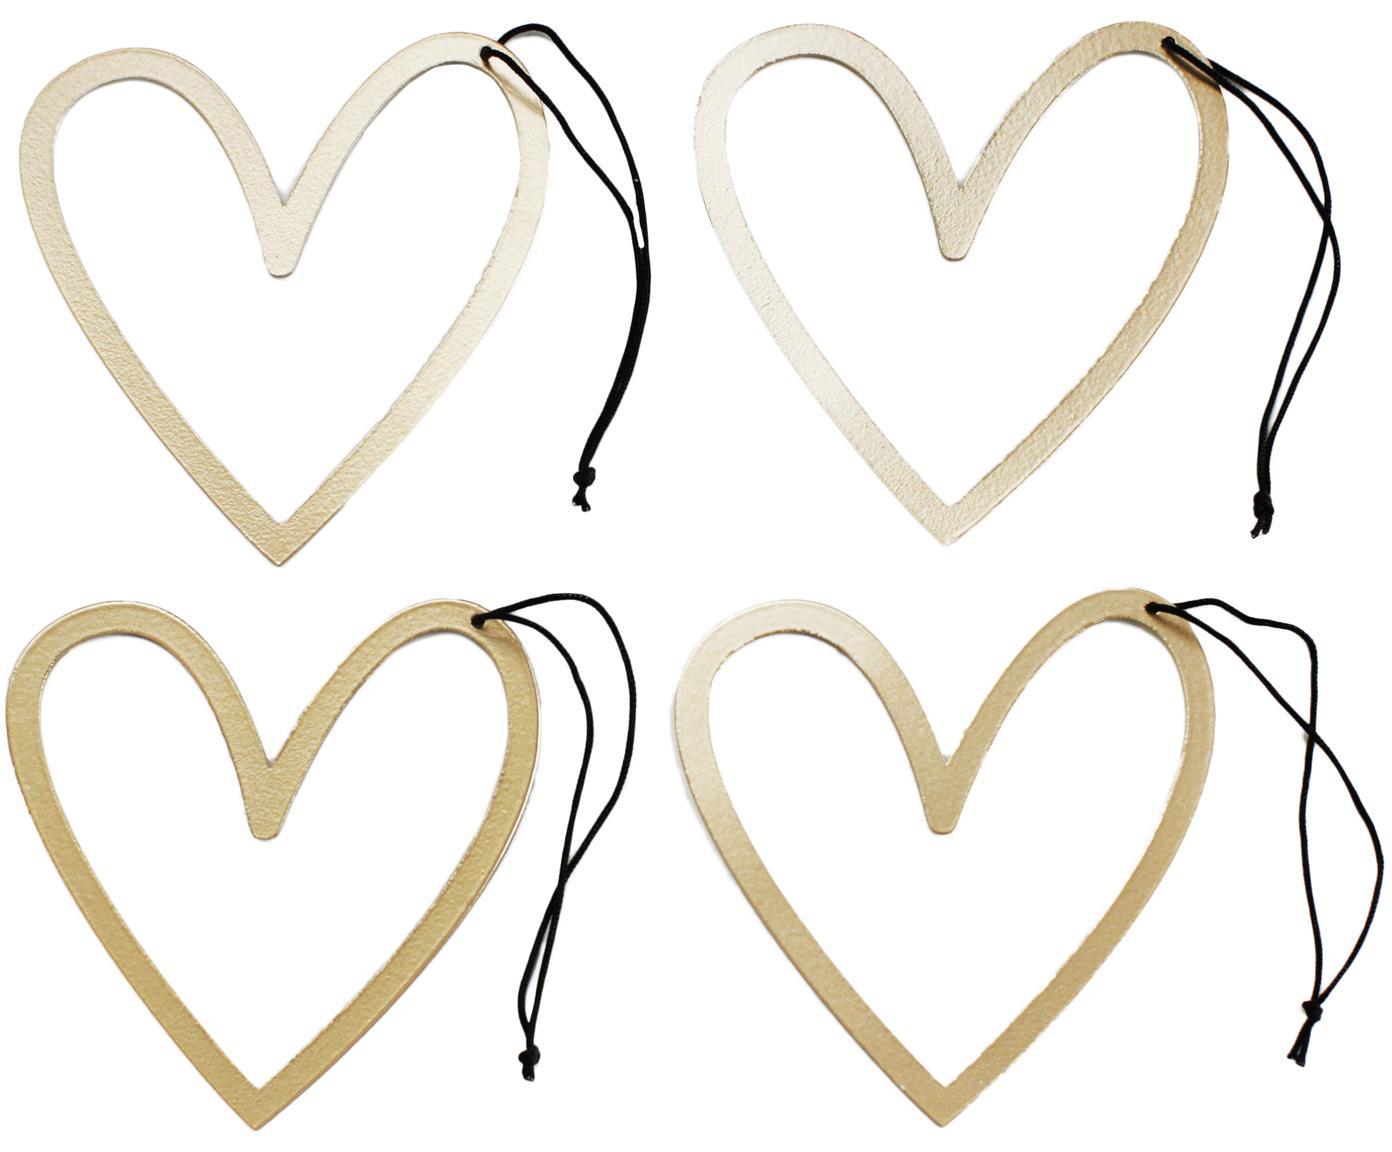 Geschenkanhänger Heart, Metall, 4 Stück, Roségoldfarben, Schwarz, 10 x 10 cm